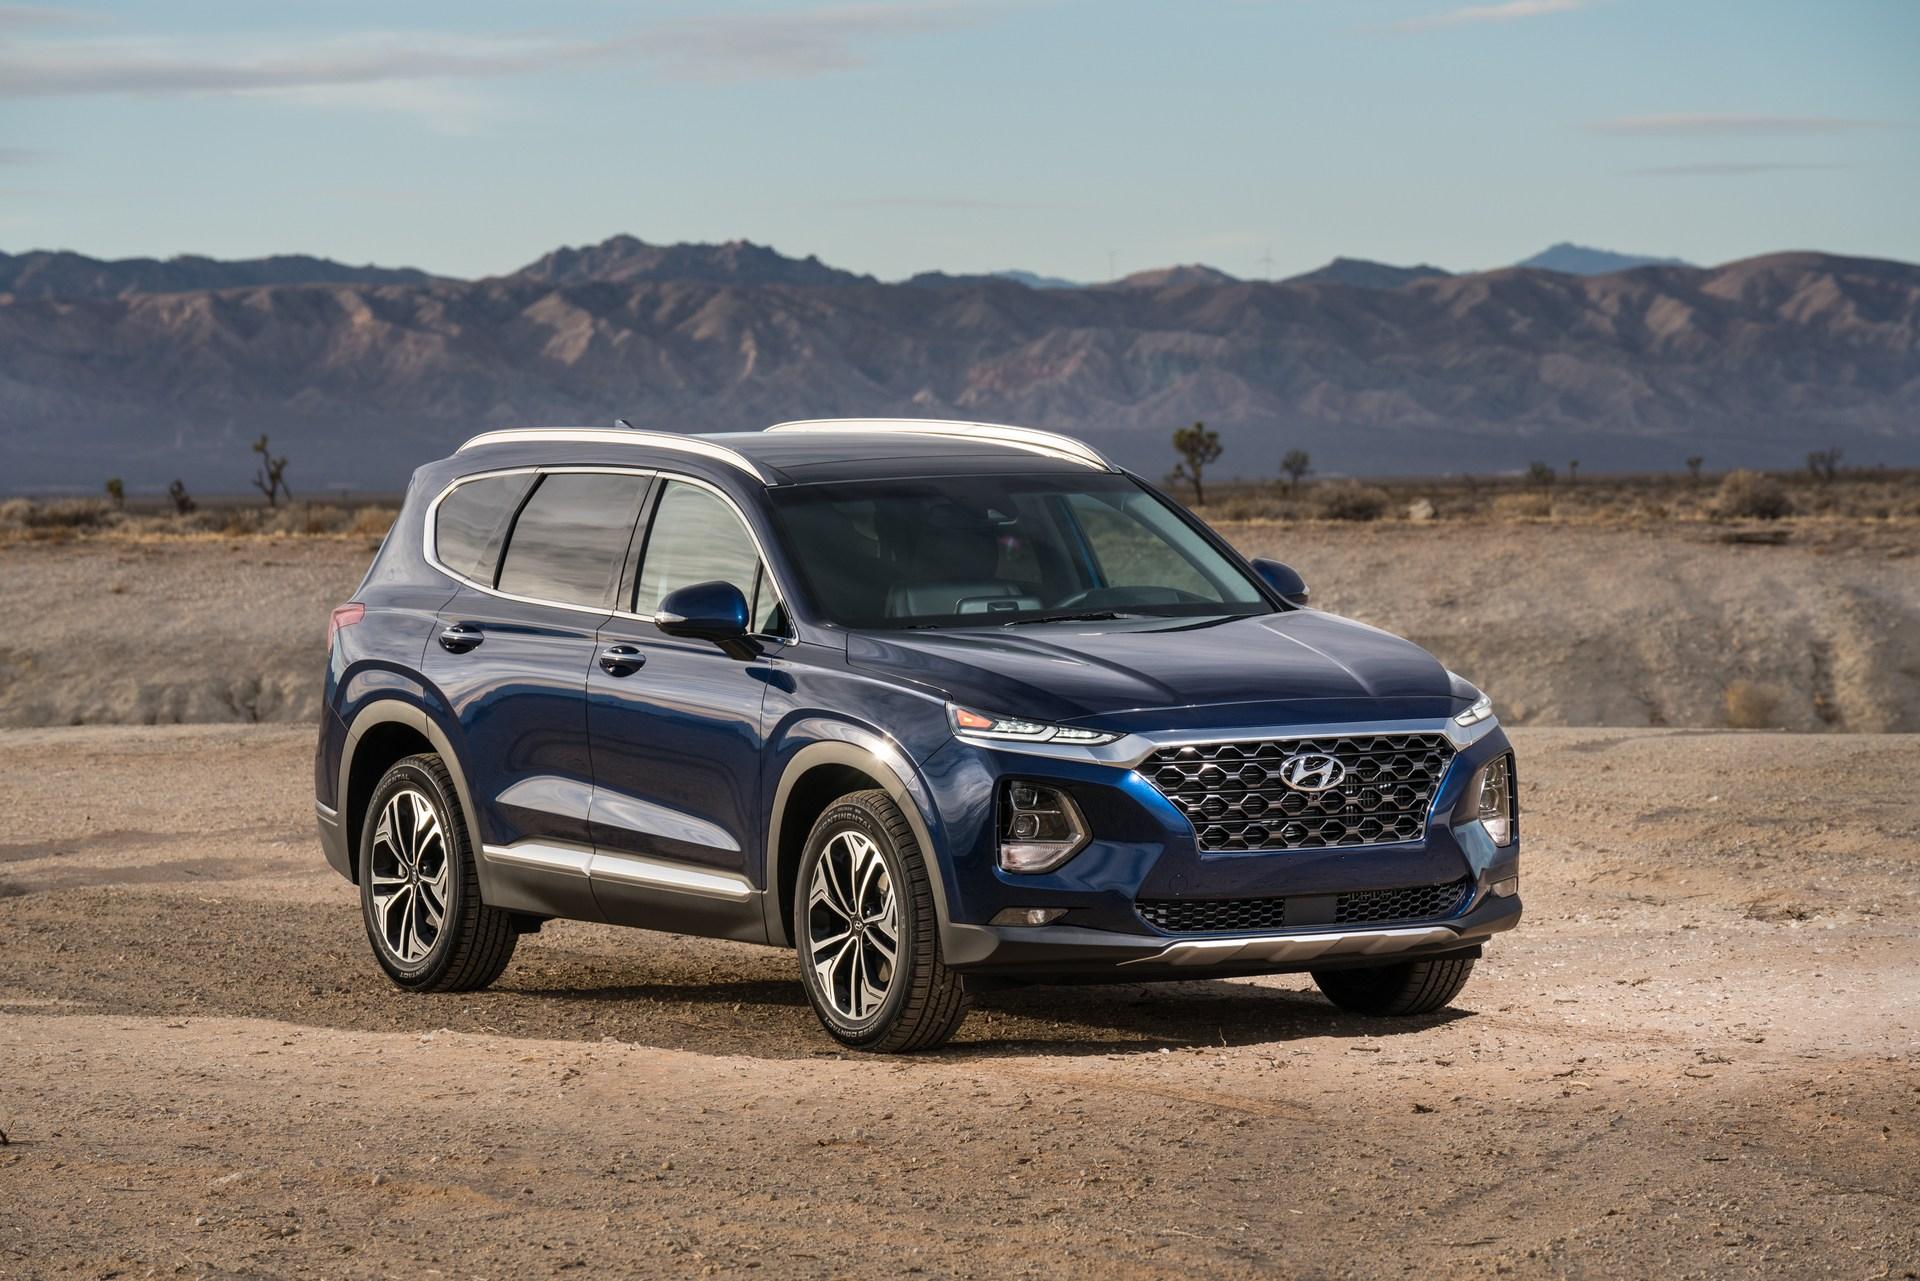 Патент на Hyundai: Автомобилите ќе се отклучуваат и стартуваат со помош на отпечаток од прст